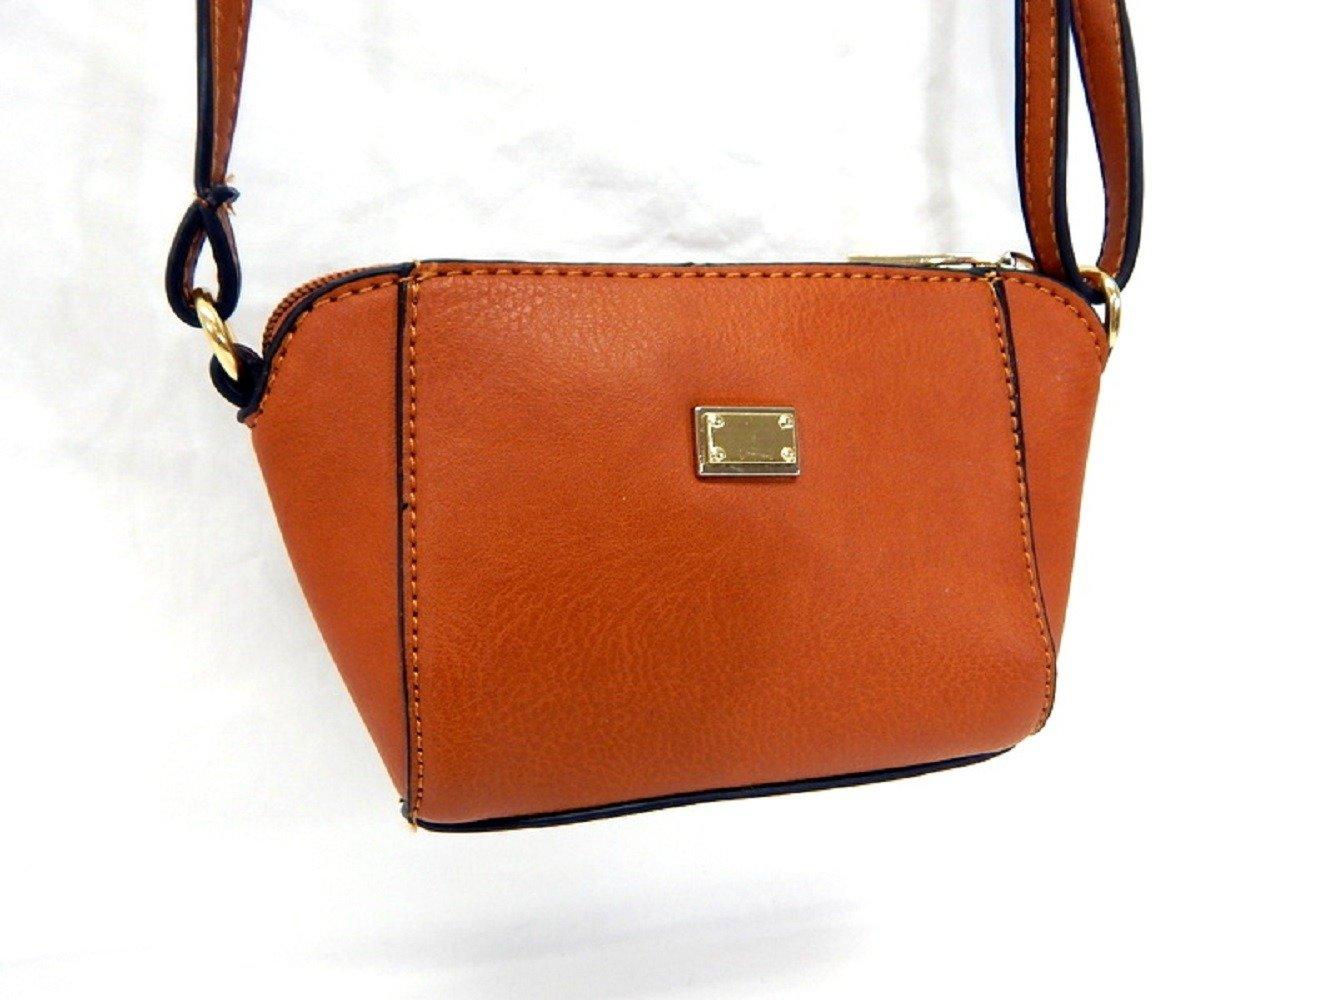 ファッションハンドバッグhs9492b、レディースミニクロスボディバッグトートバッグ財布、タン B06ZZRC65Q